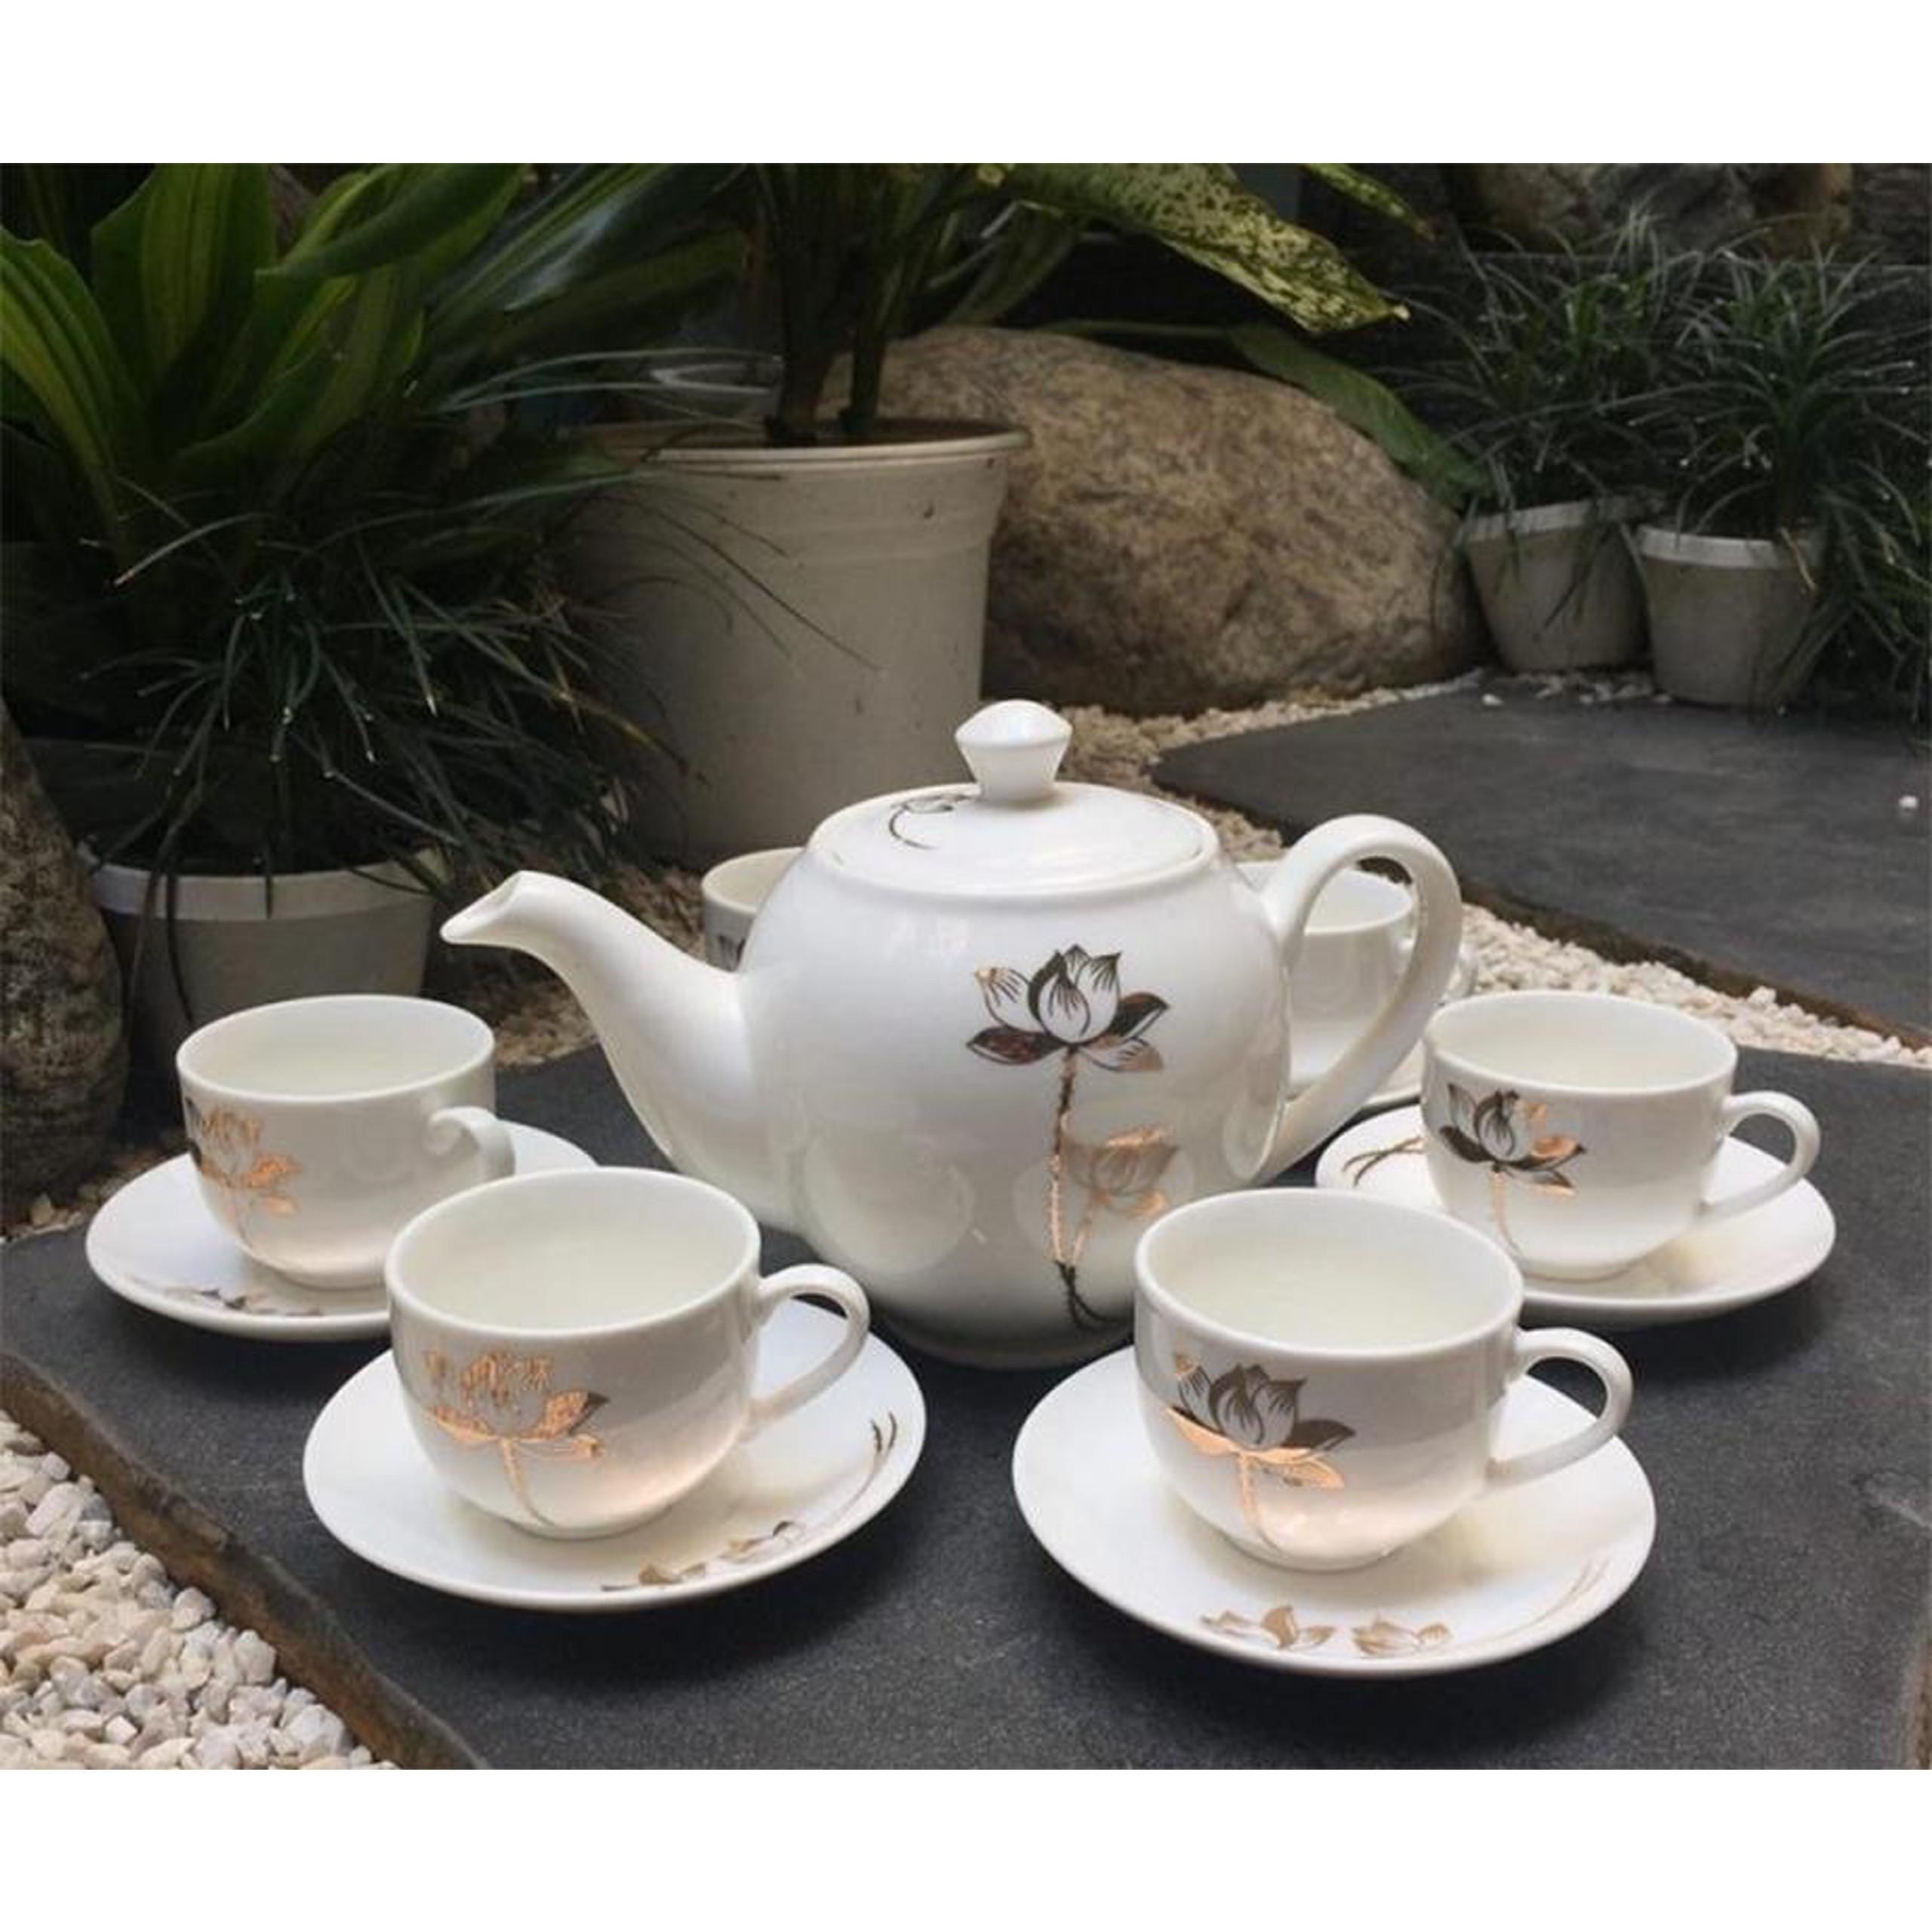 Bộ tách trà sứ hình hoa sen